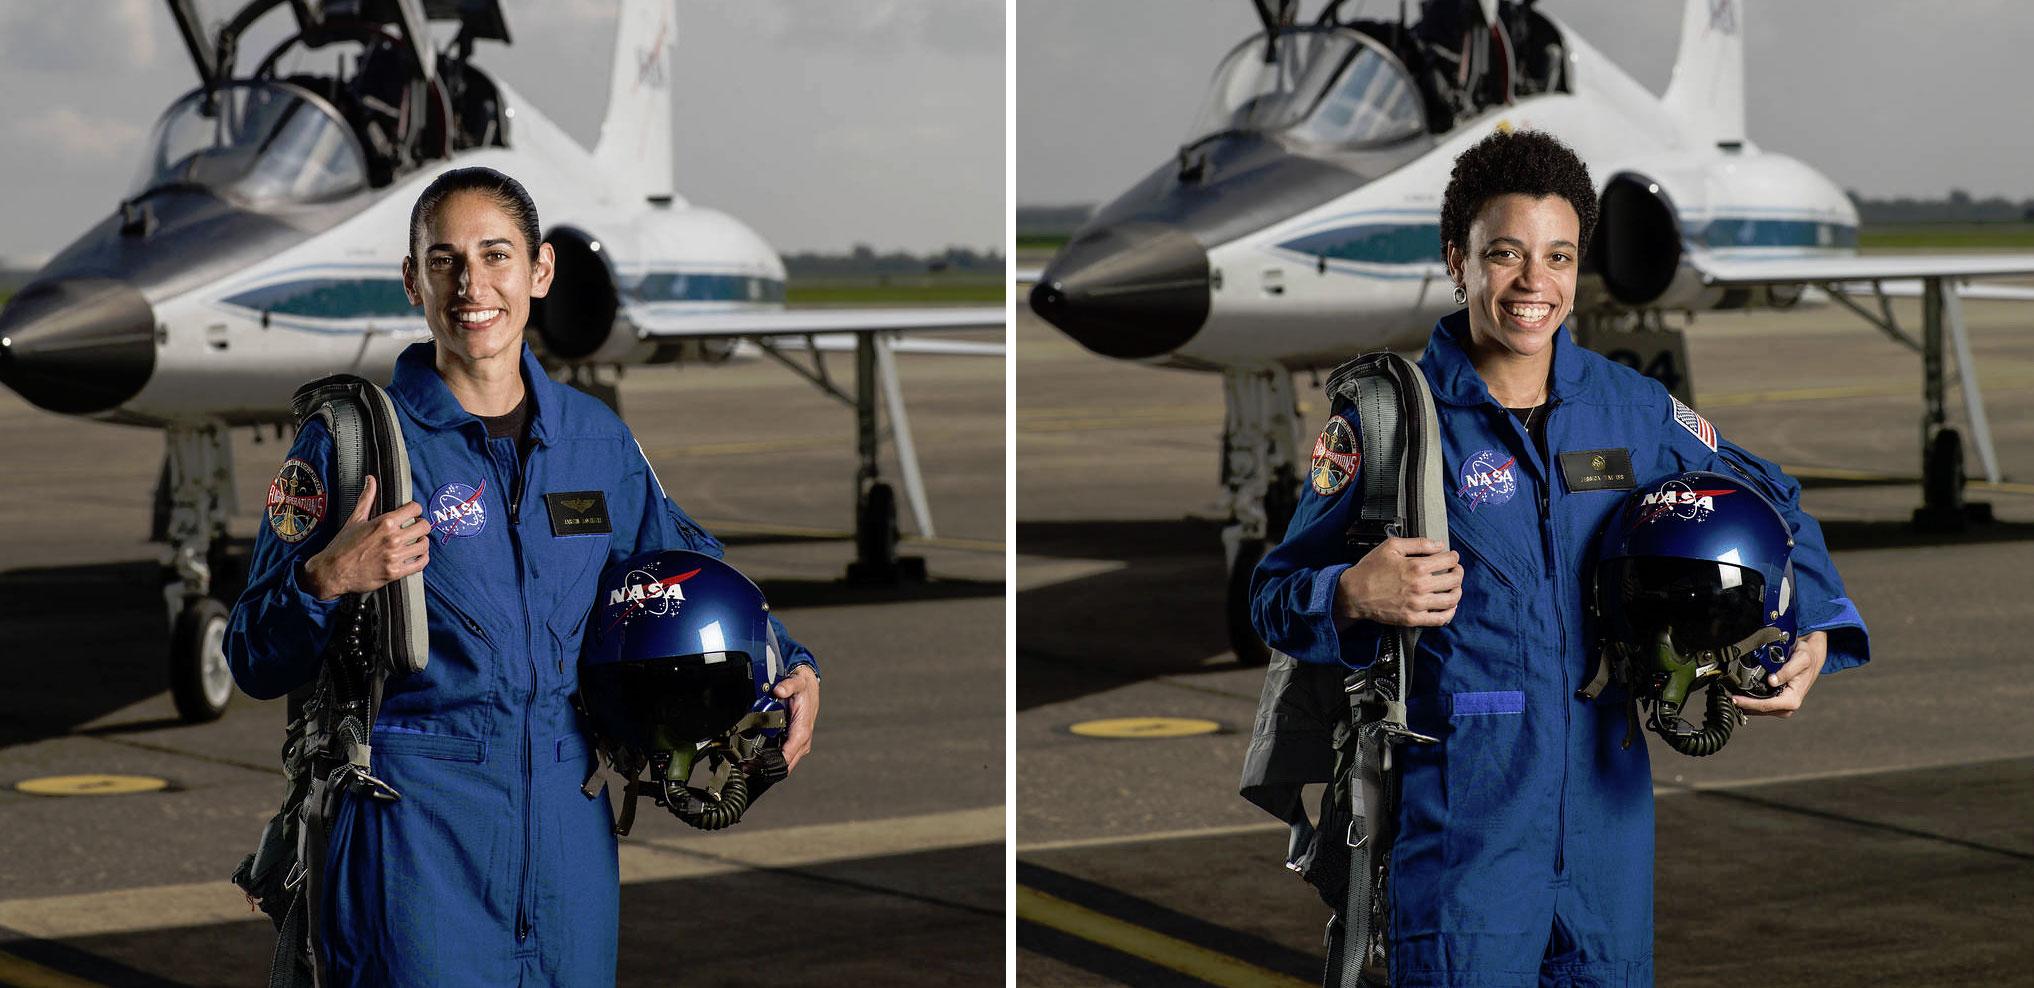 NASA's 2017 astronaut class includes former MIT player Jasmin Moghbeli and Caltech asst. Jessica Watkins